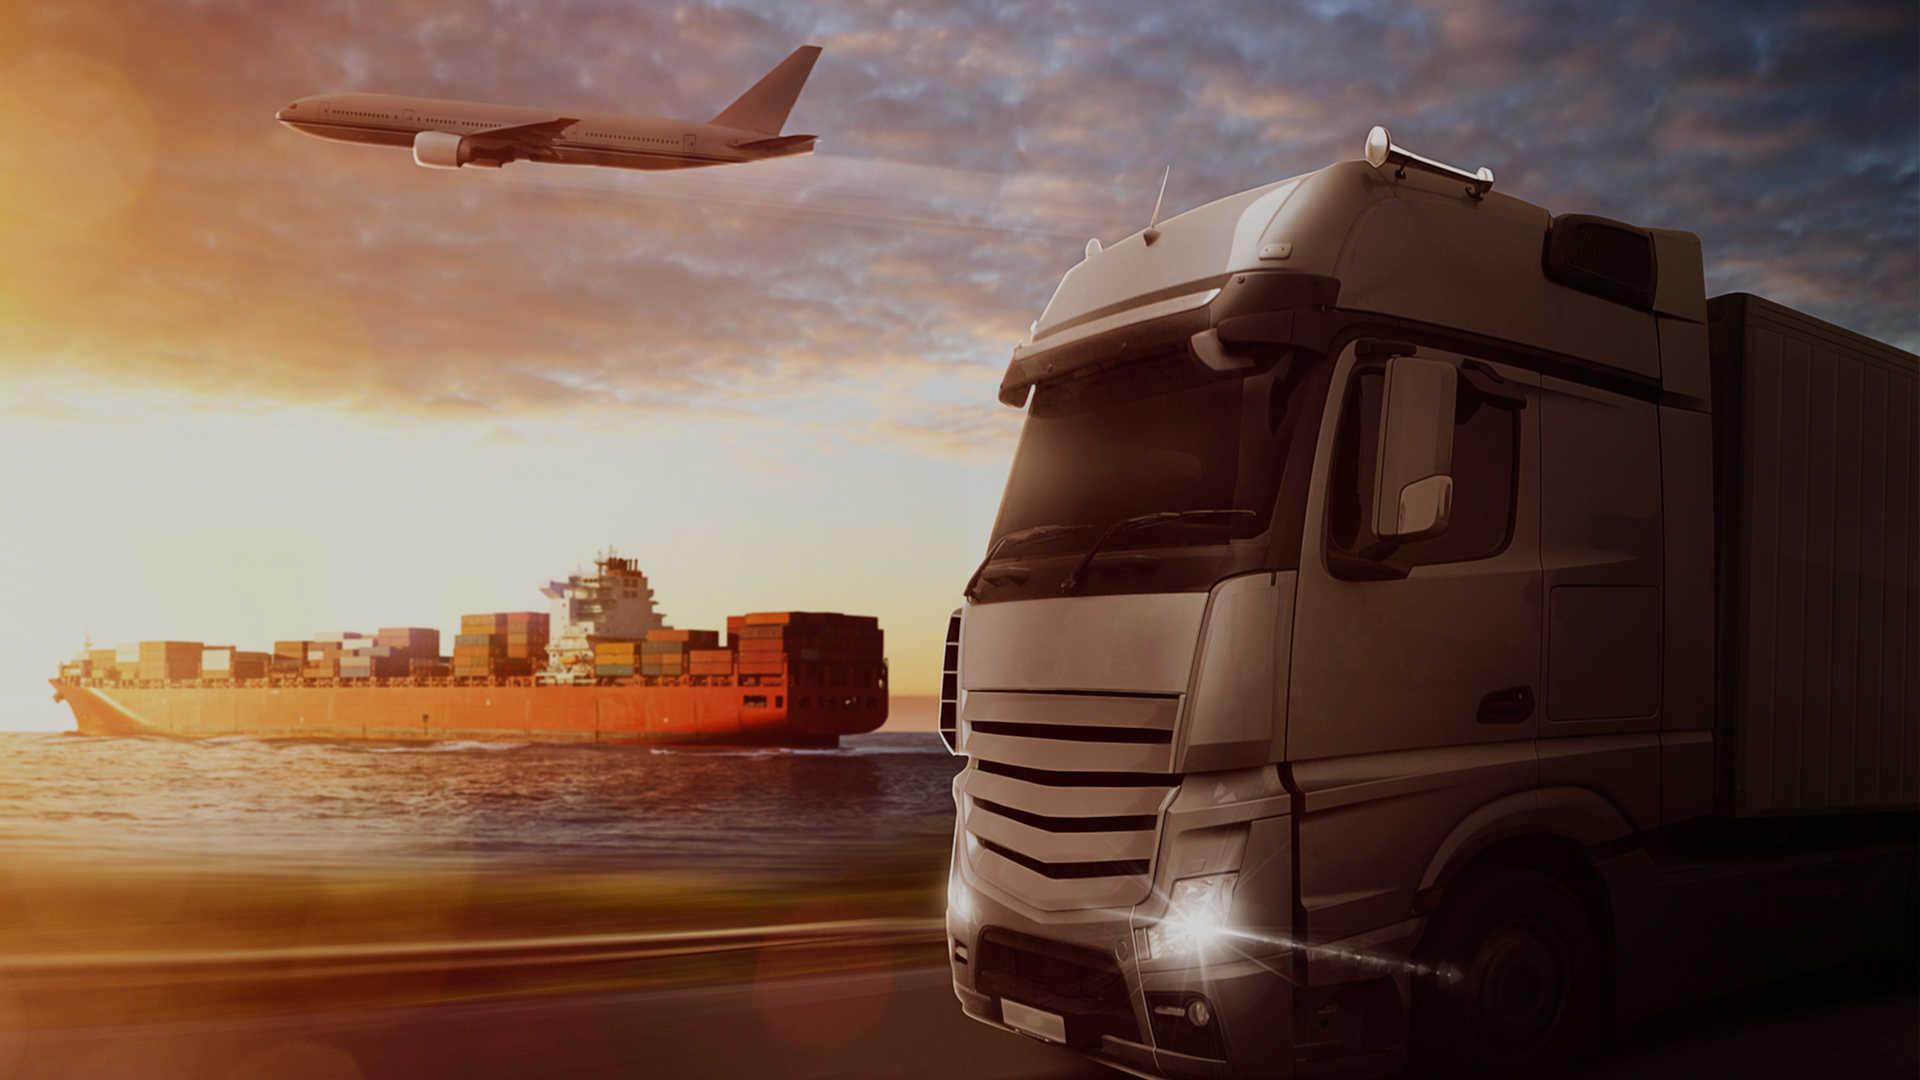 Павел Лисицин, на примере компании «Евротерминал» рассказывает о том, как определить таможенную стоимость грузов